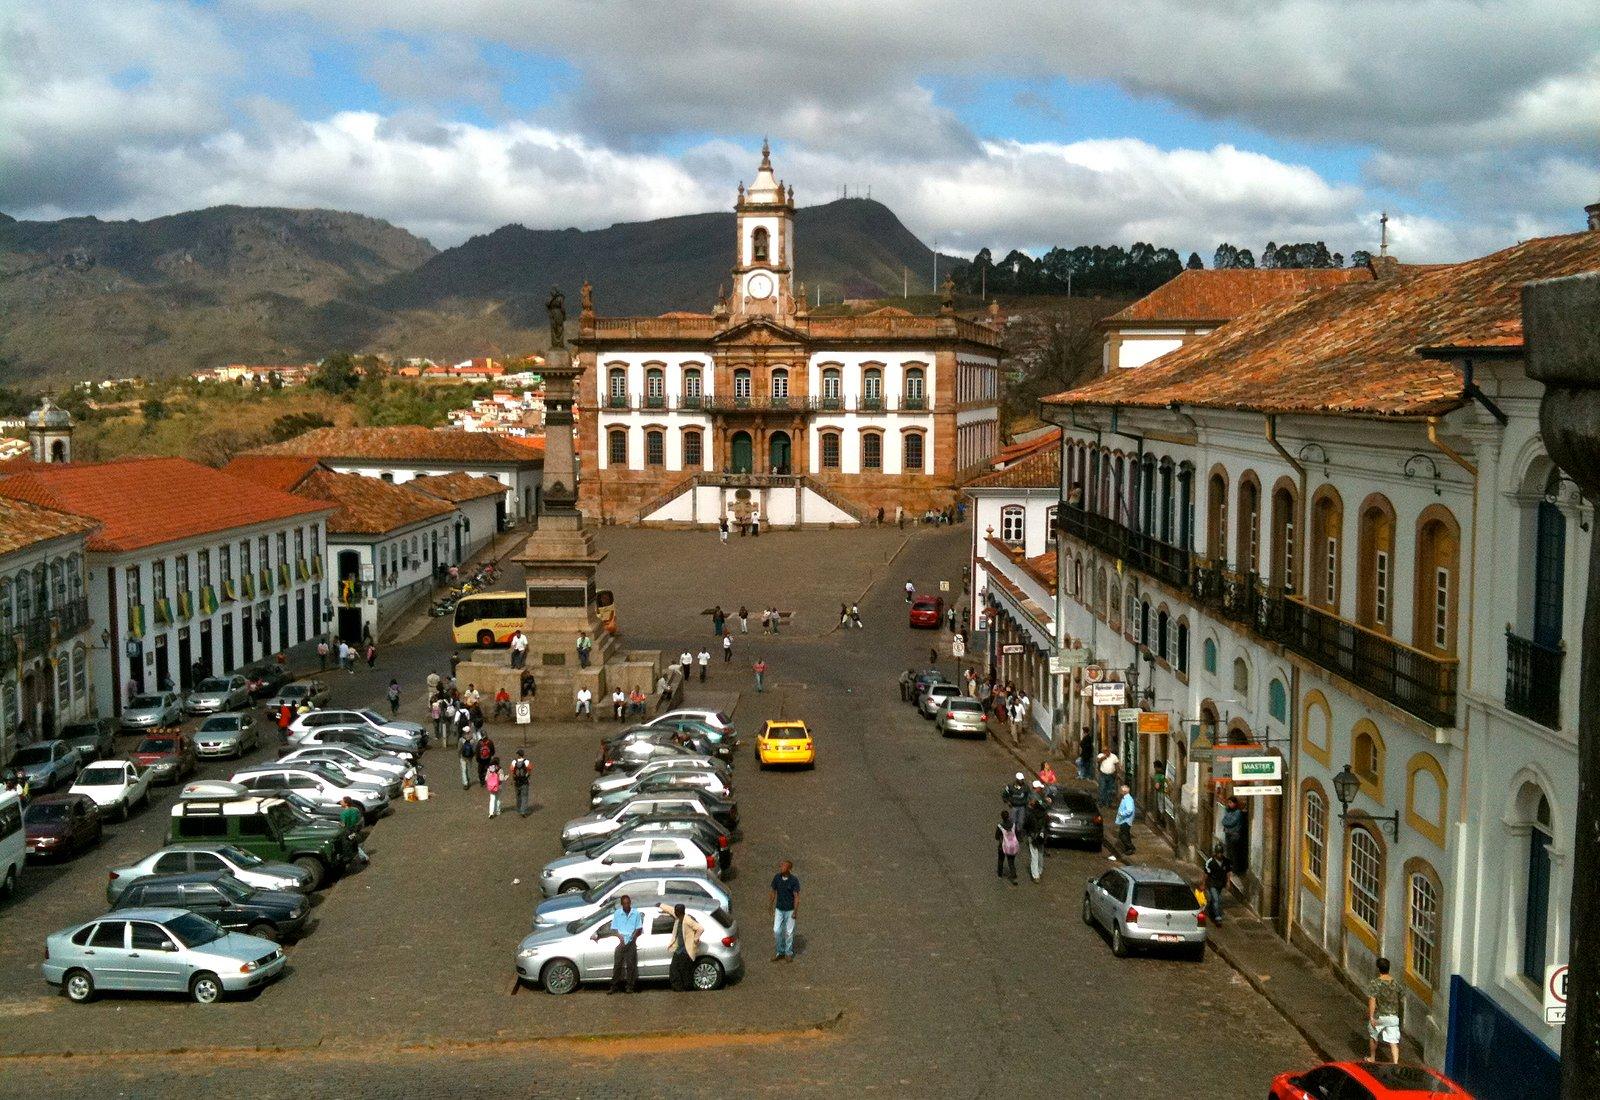 Praça Tiradentes in the centre